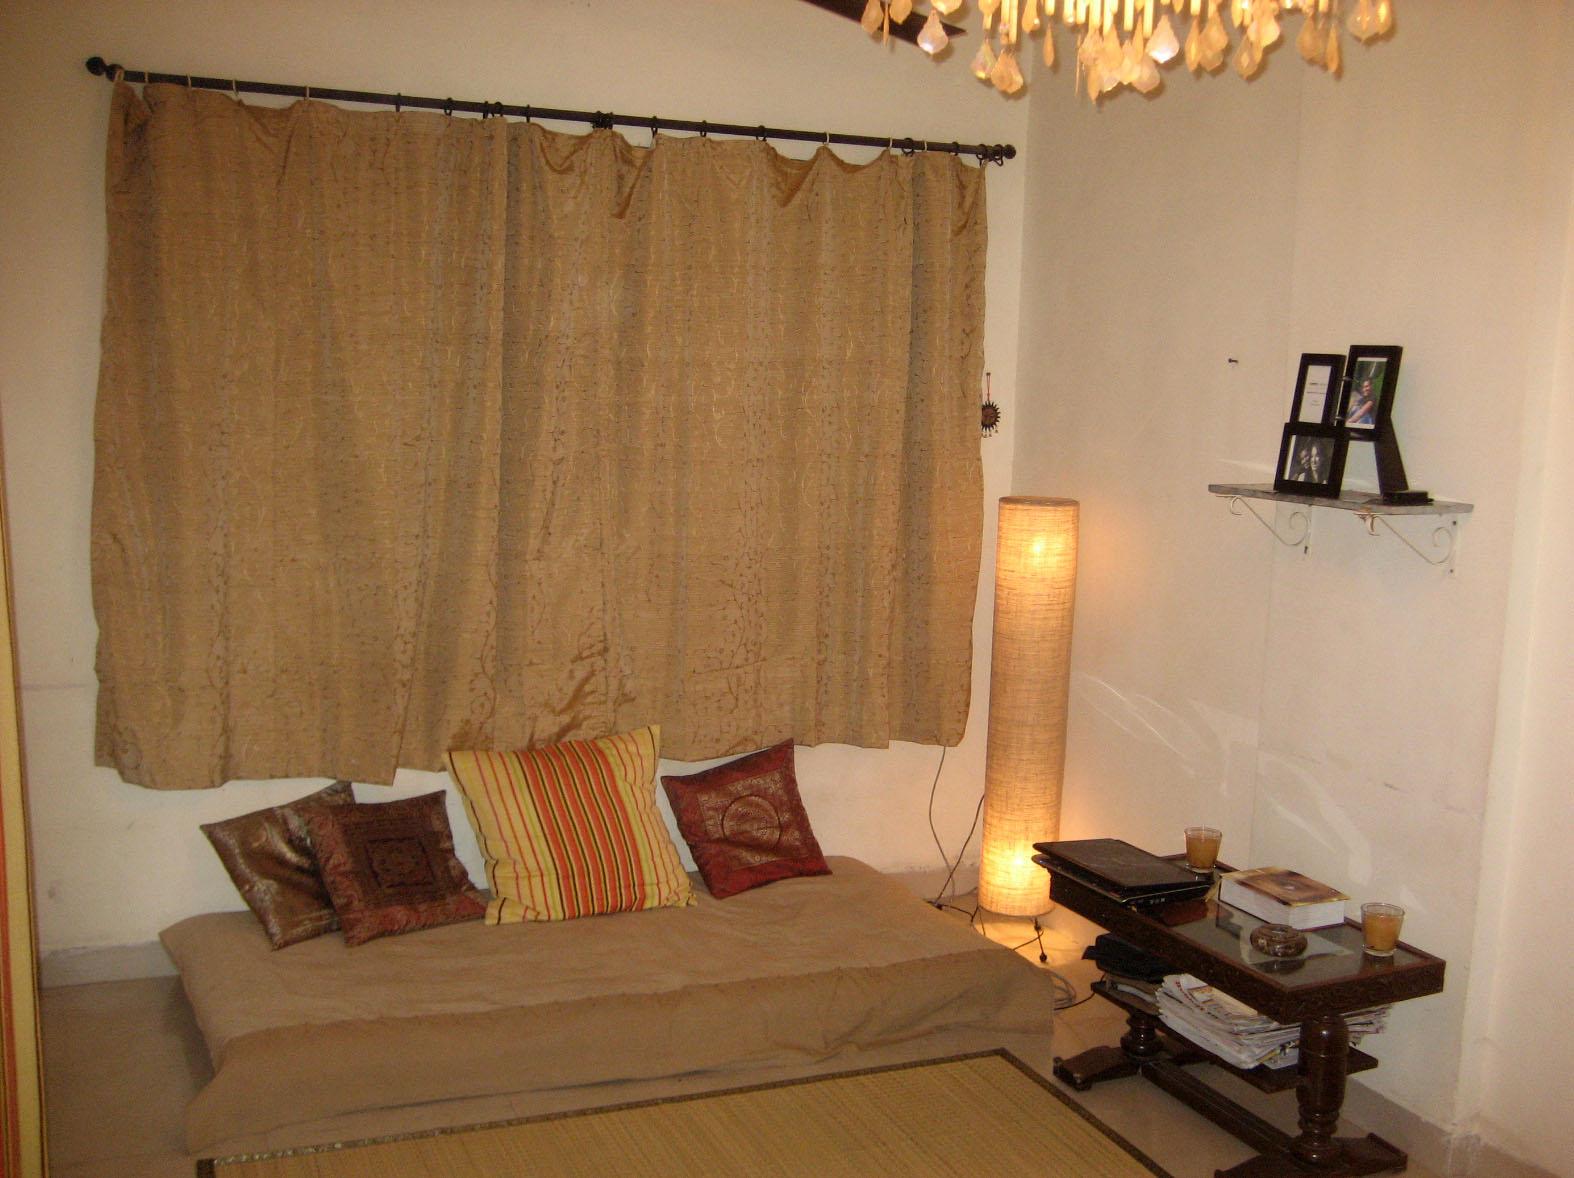 Indian Sitting Furniture